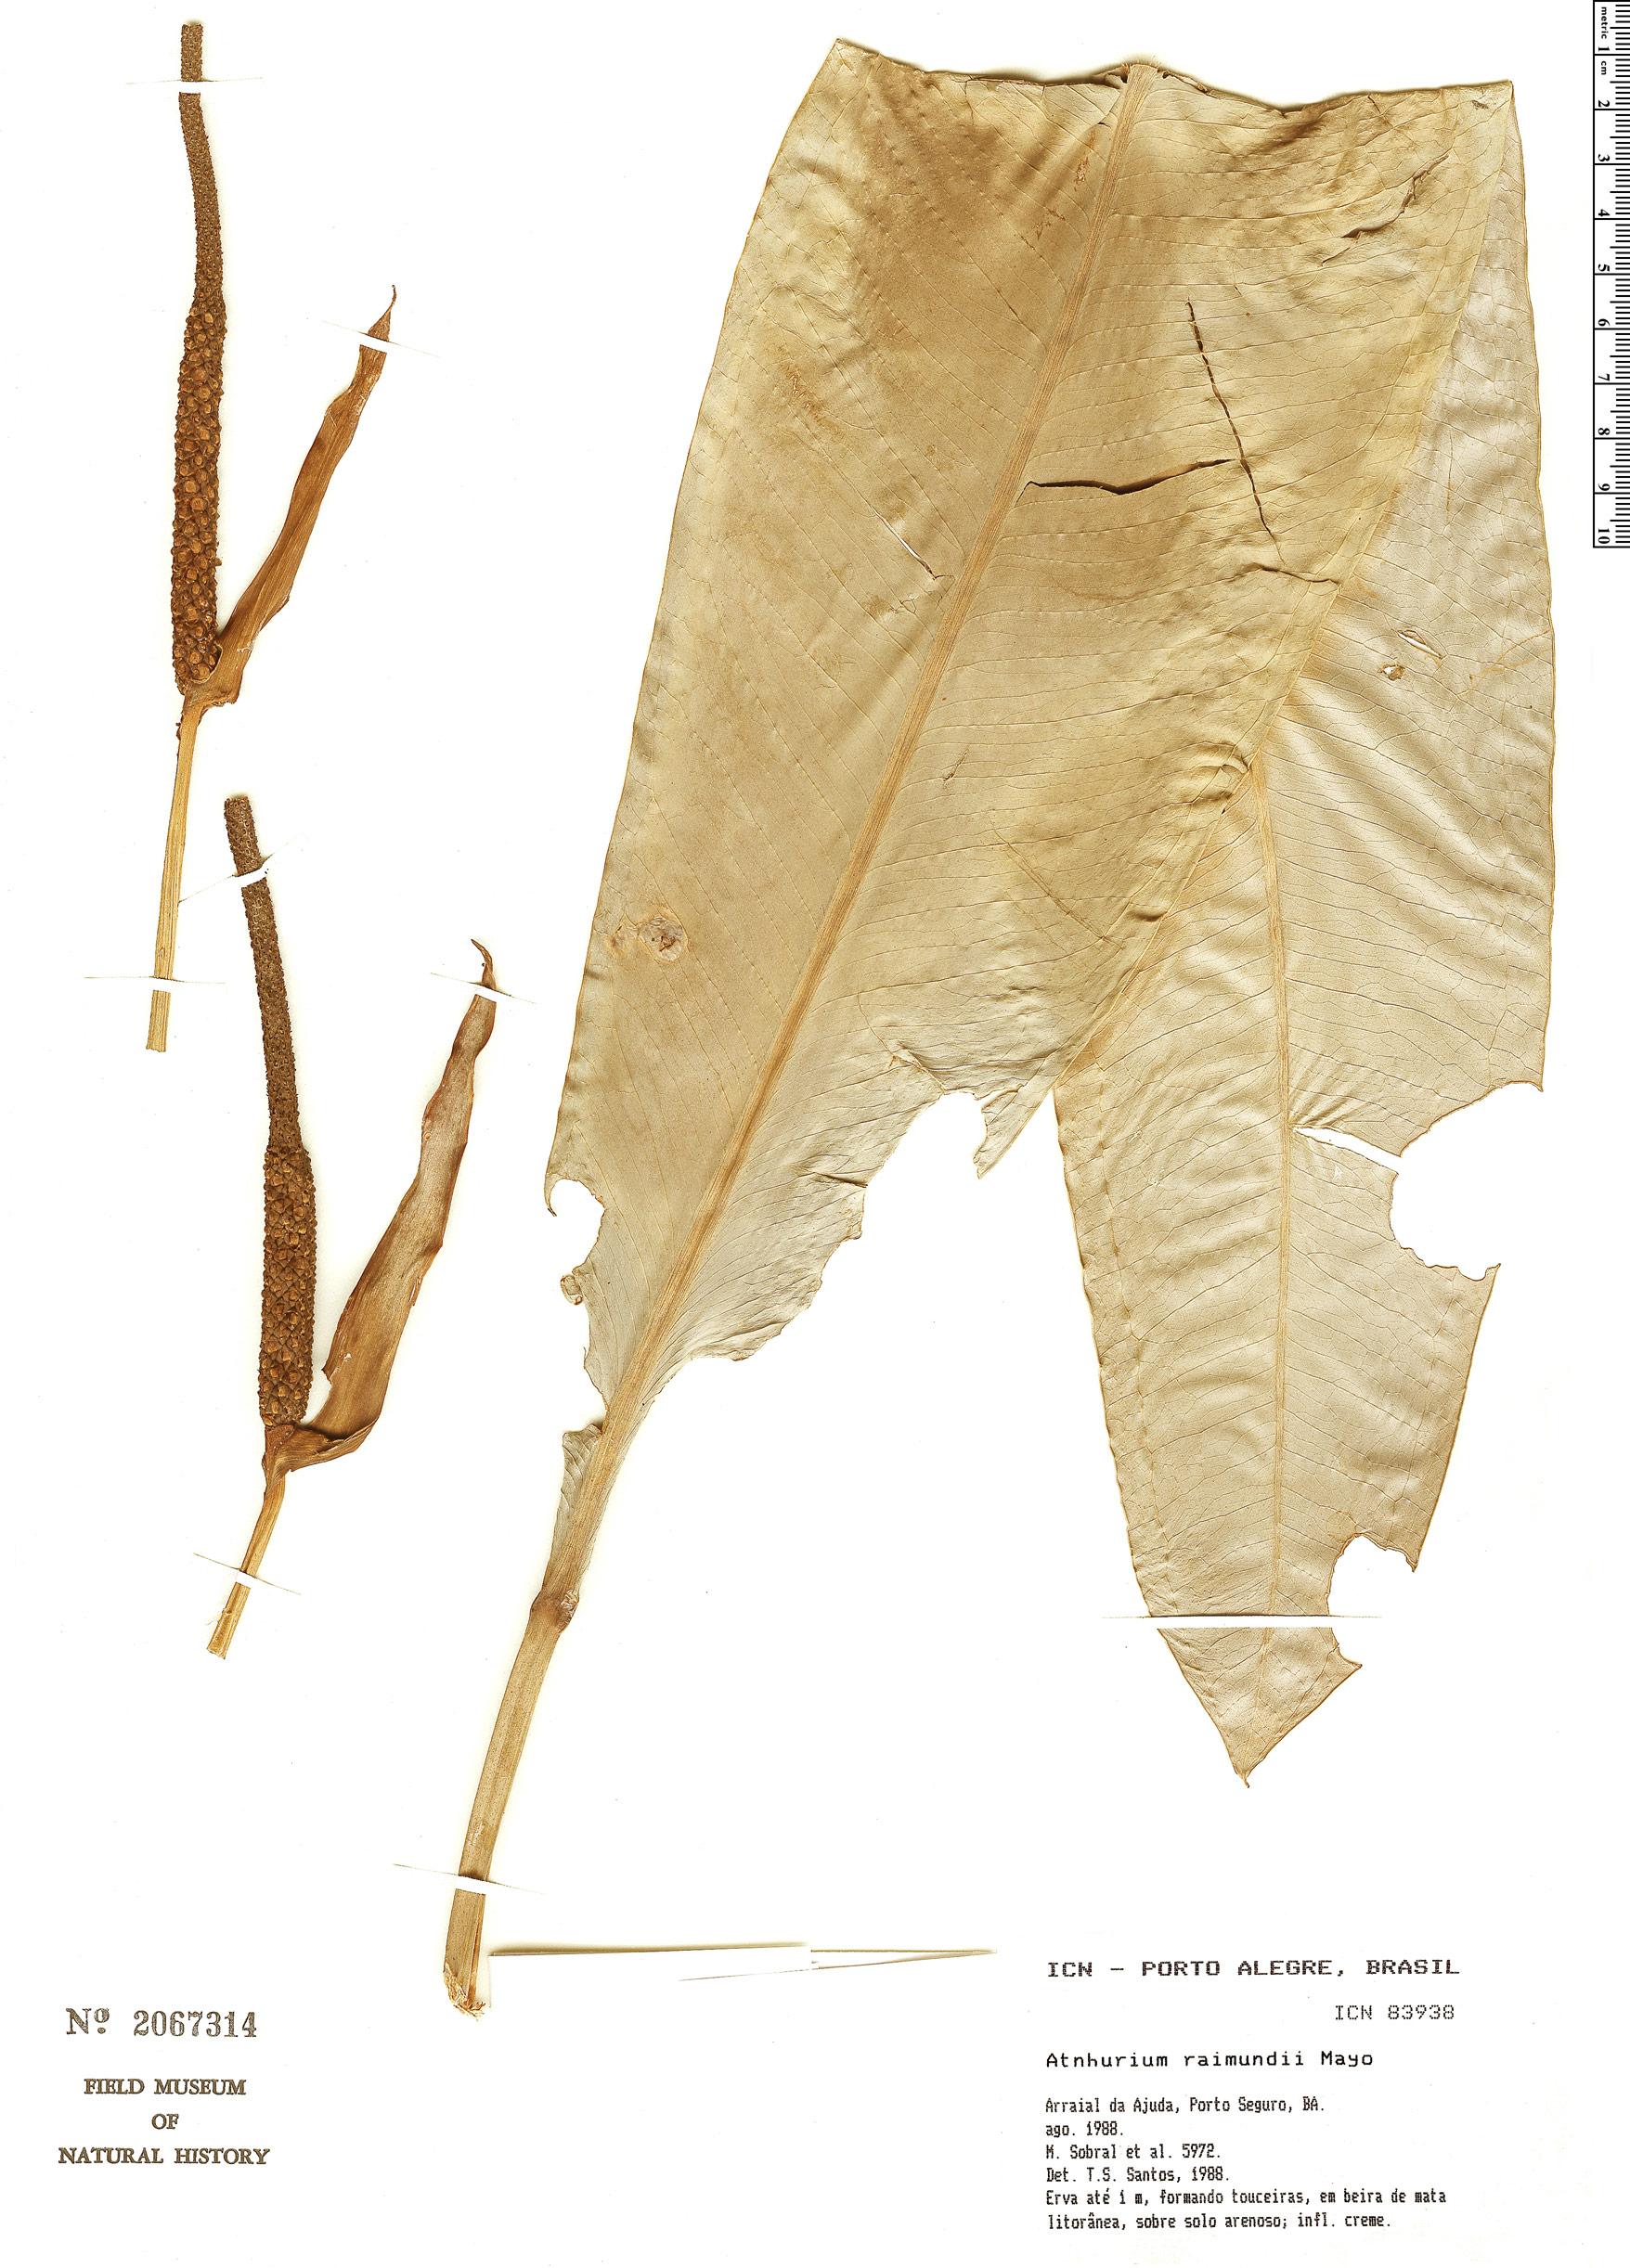 Specimen: Anthurium raimundii